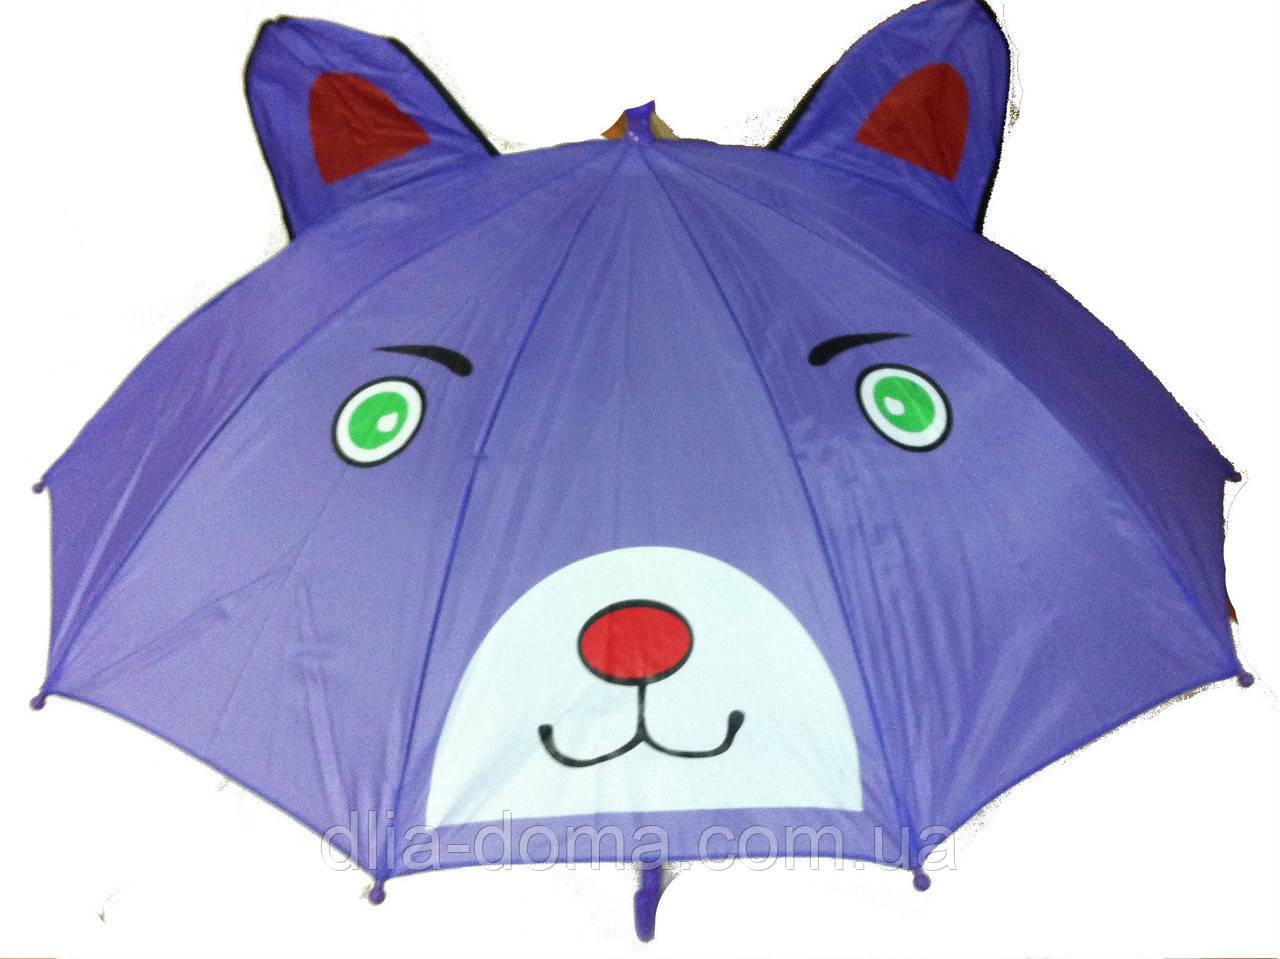 Зонт детский Зверята, диаметр 100